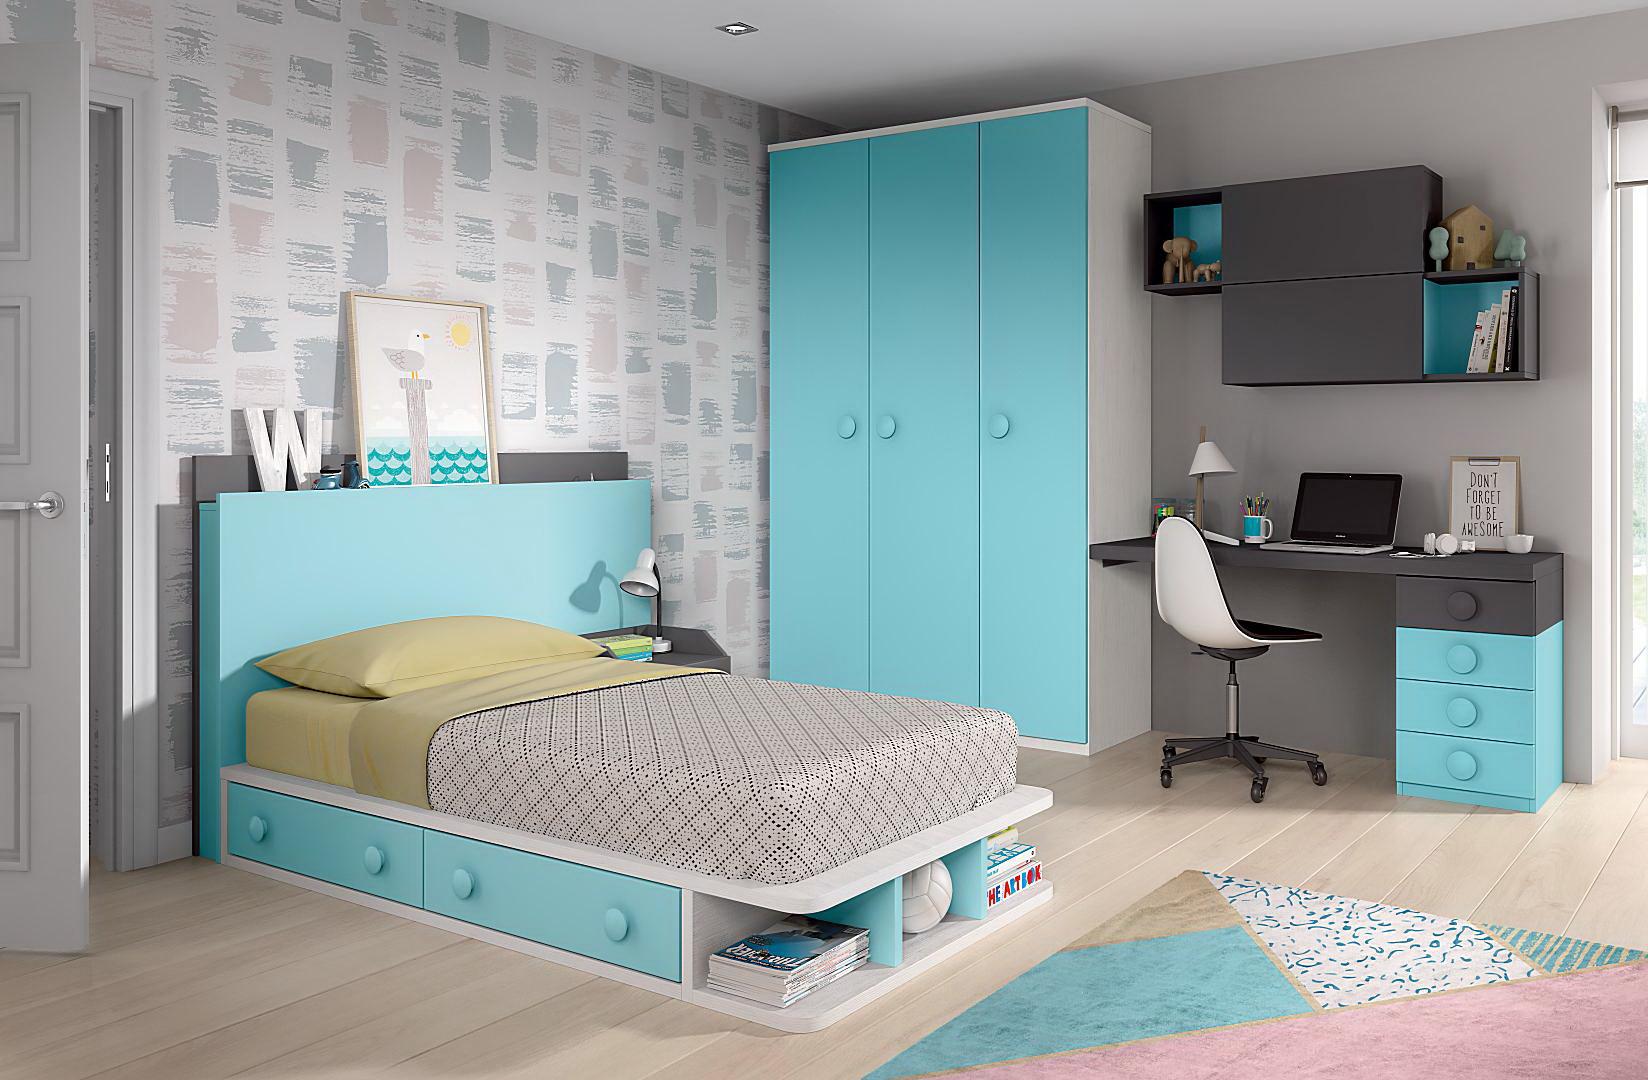 De asombroso habitaciones juveniles con rayas Nuestros diseños favoritos - CAMAS INFANTILES y JUVENILES Formas19 - Muebles ANTOÑÁN